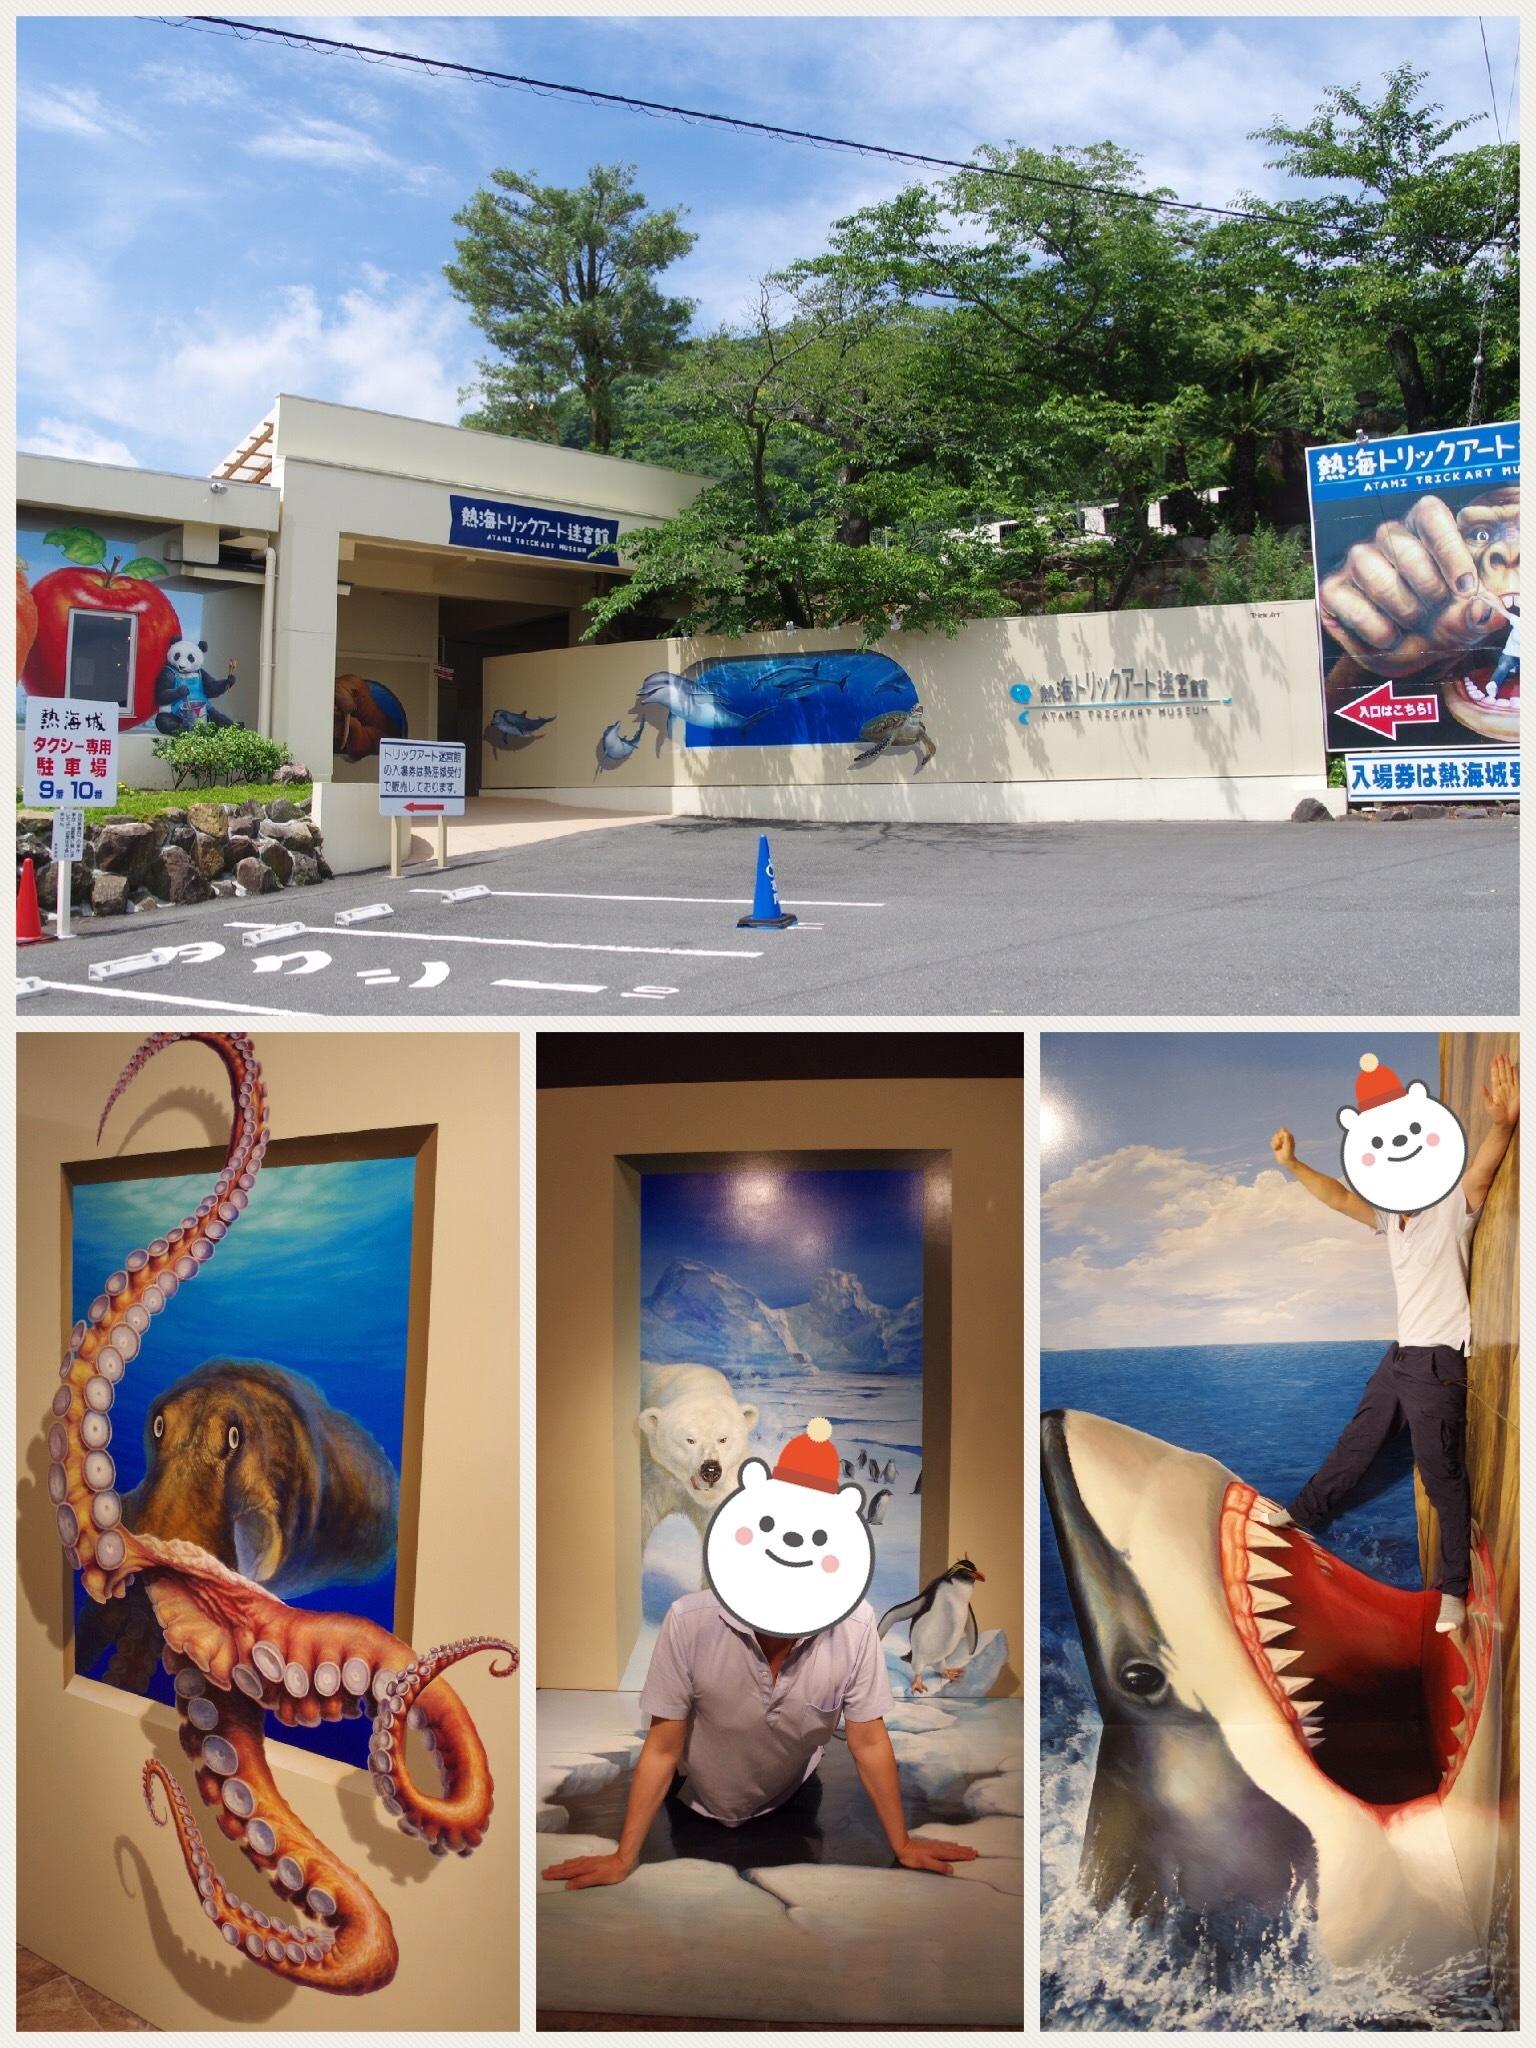 熱海城に行ってみた 熱海トリックアート迷宮館